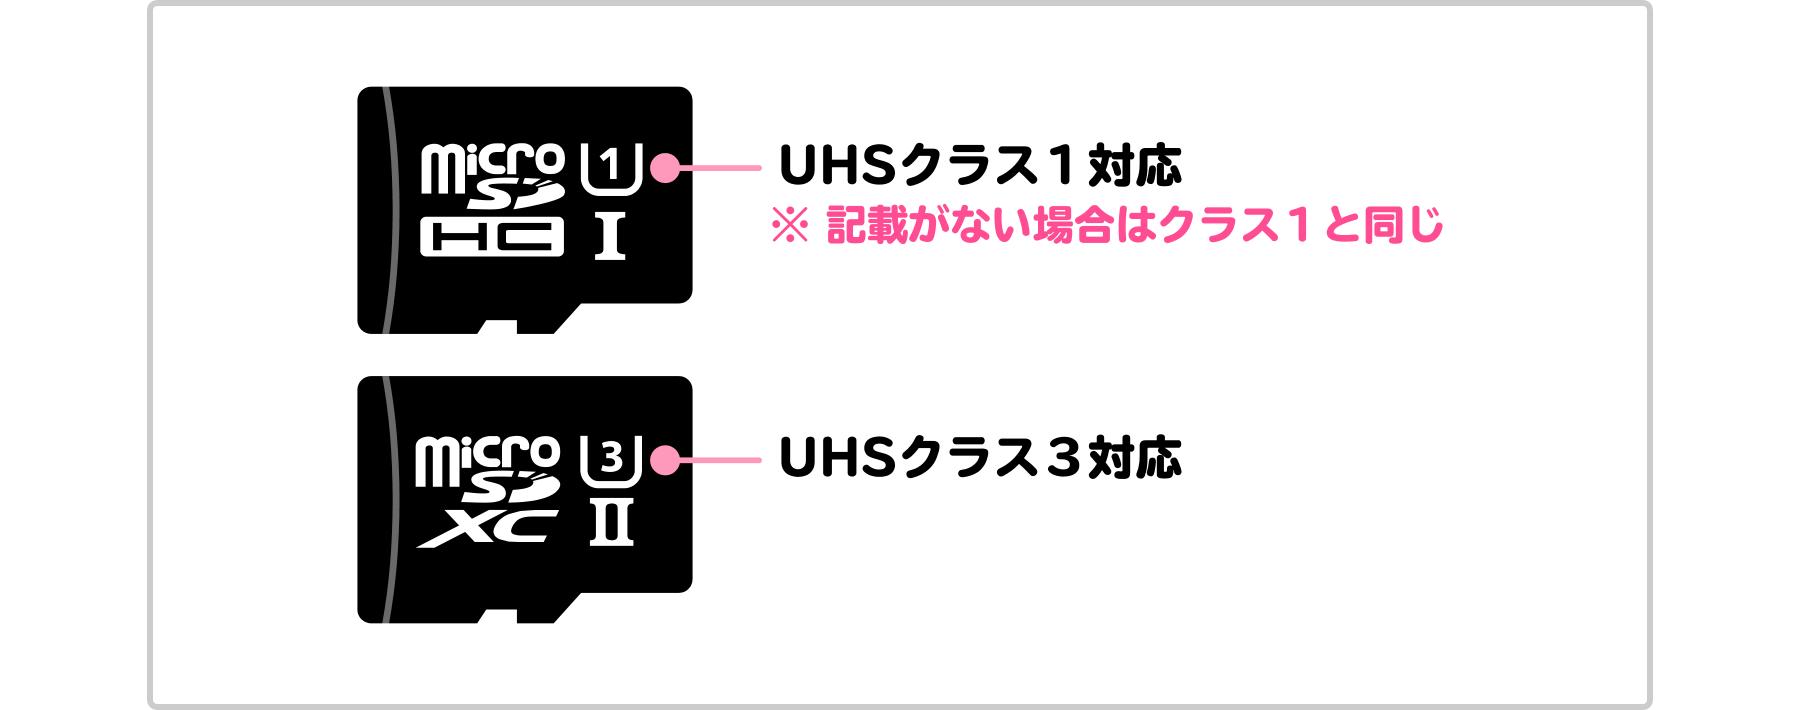 UHS スピードクラスの記載例